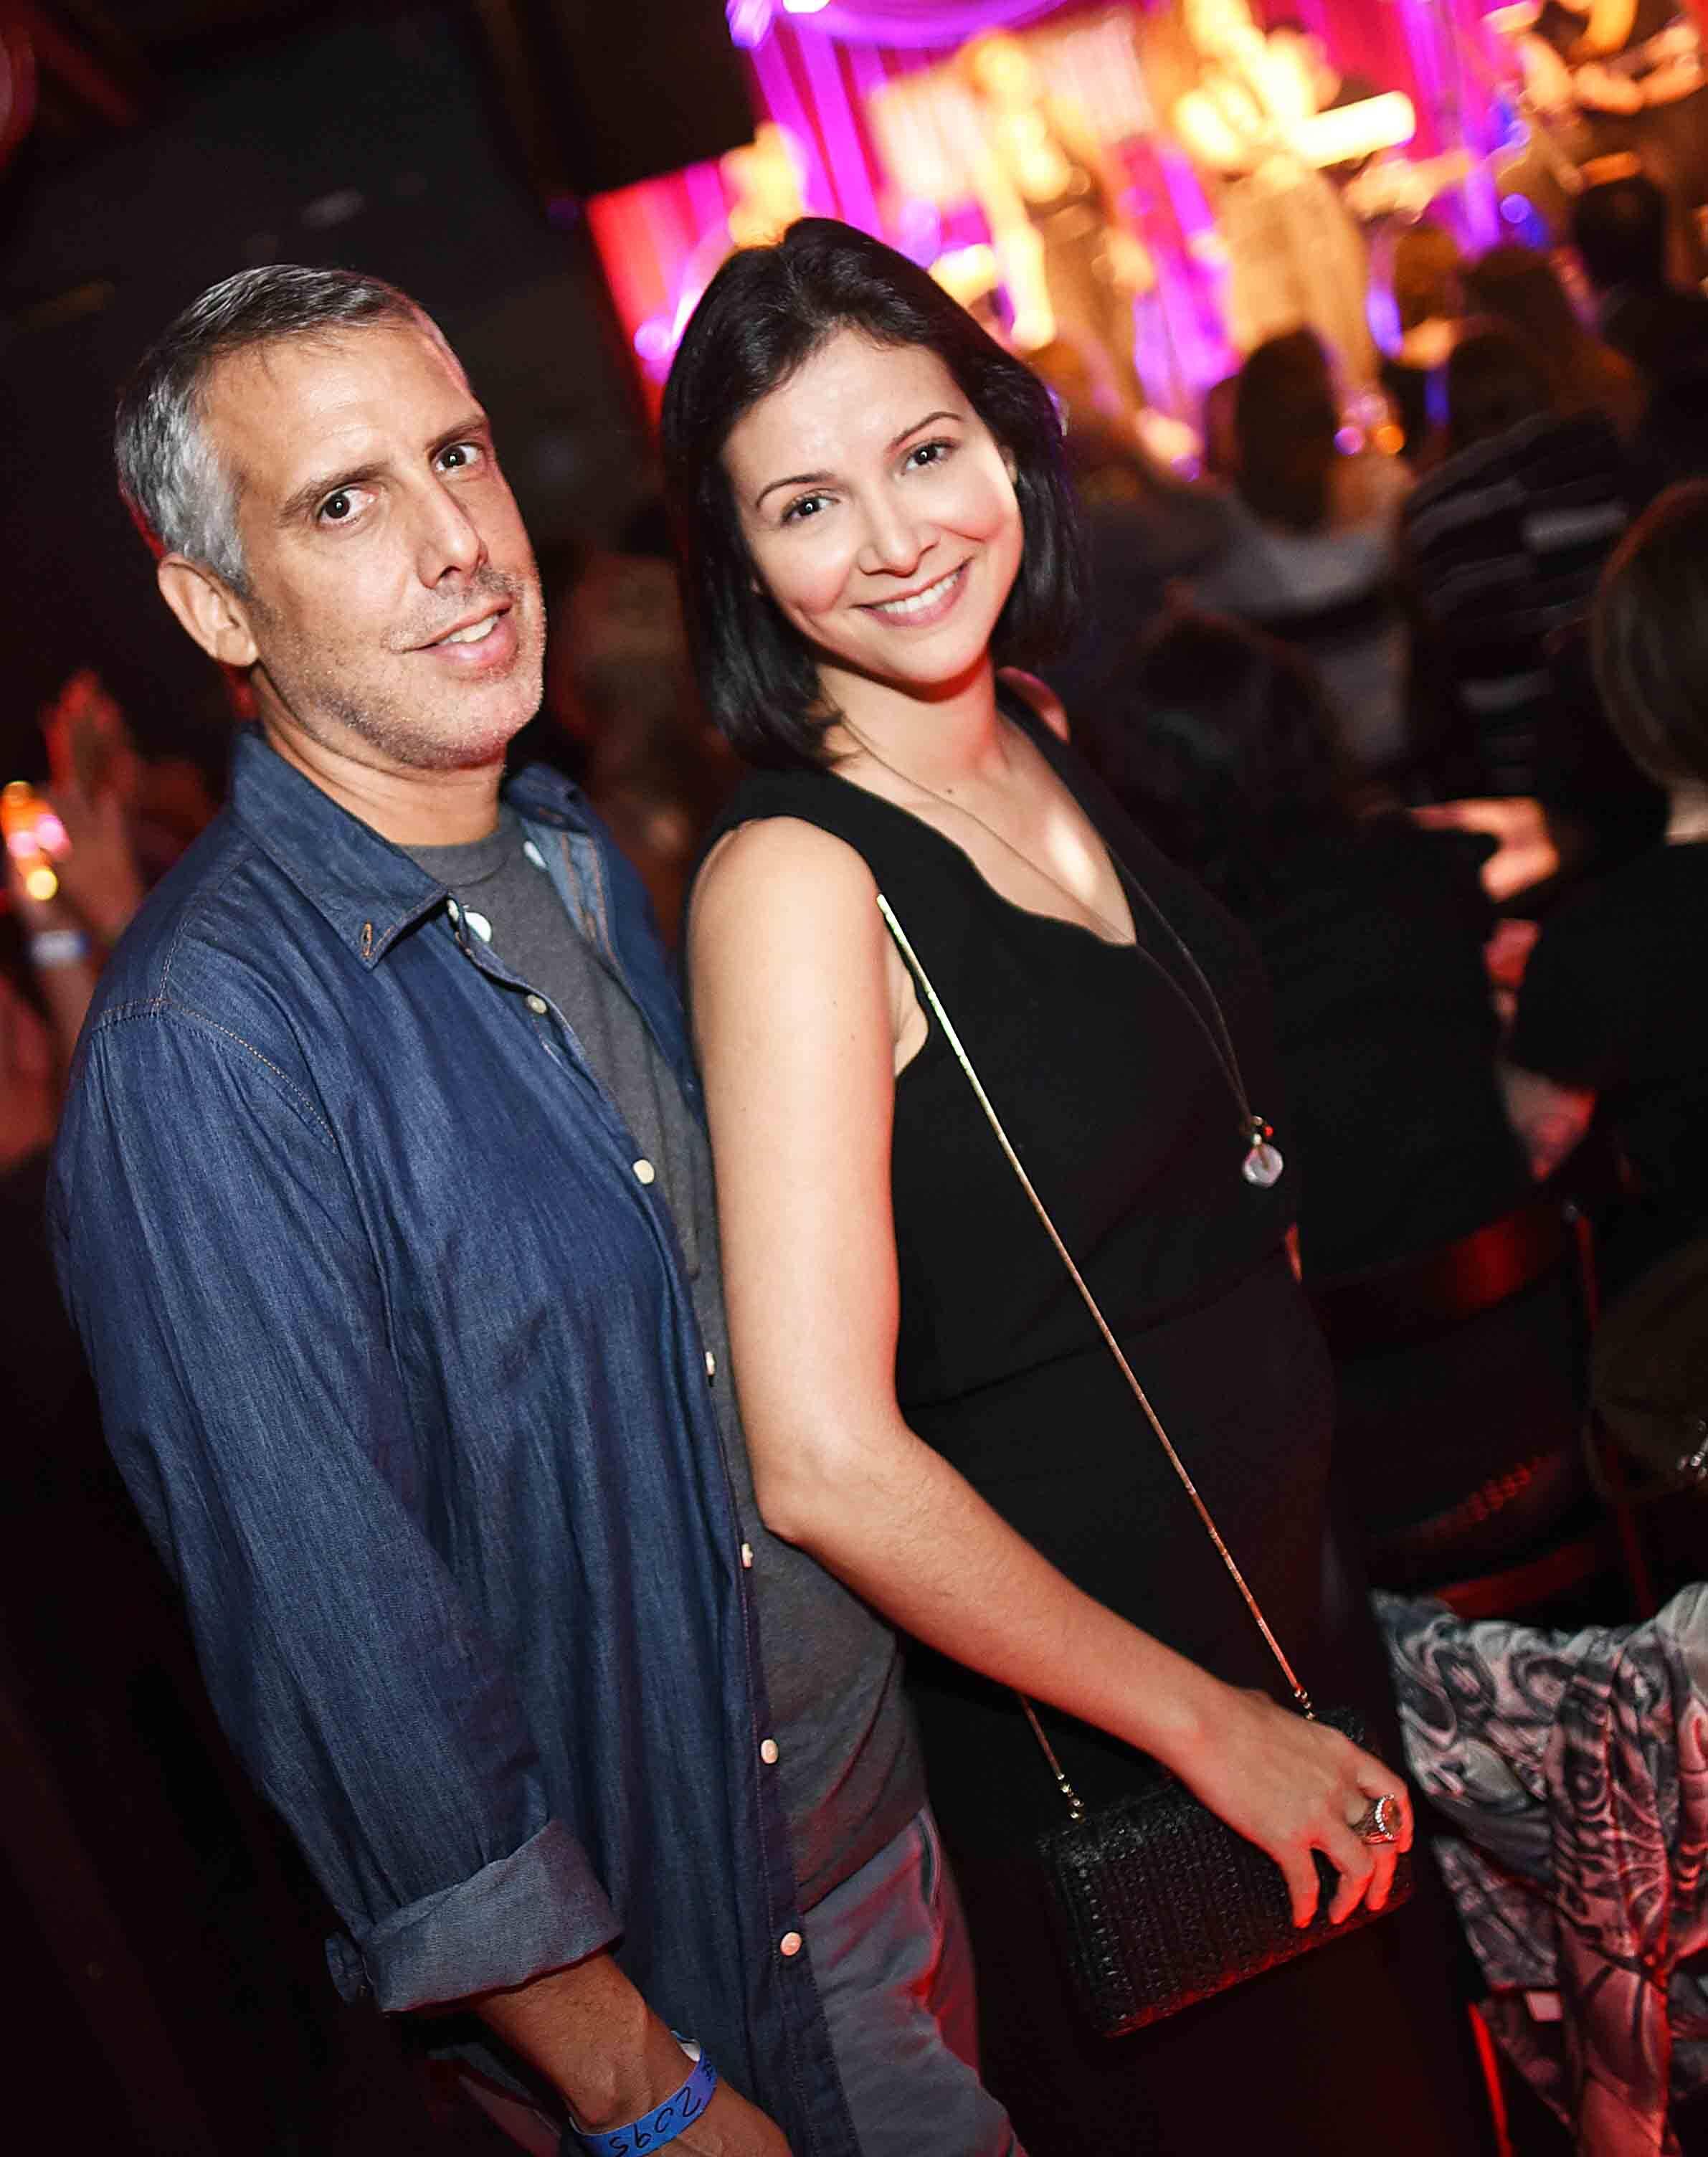 Hilario e Luciana Gouvea Vieira / Foto: Ari Kaye